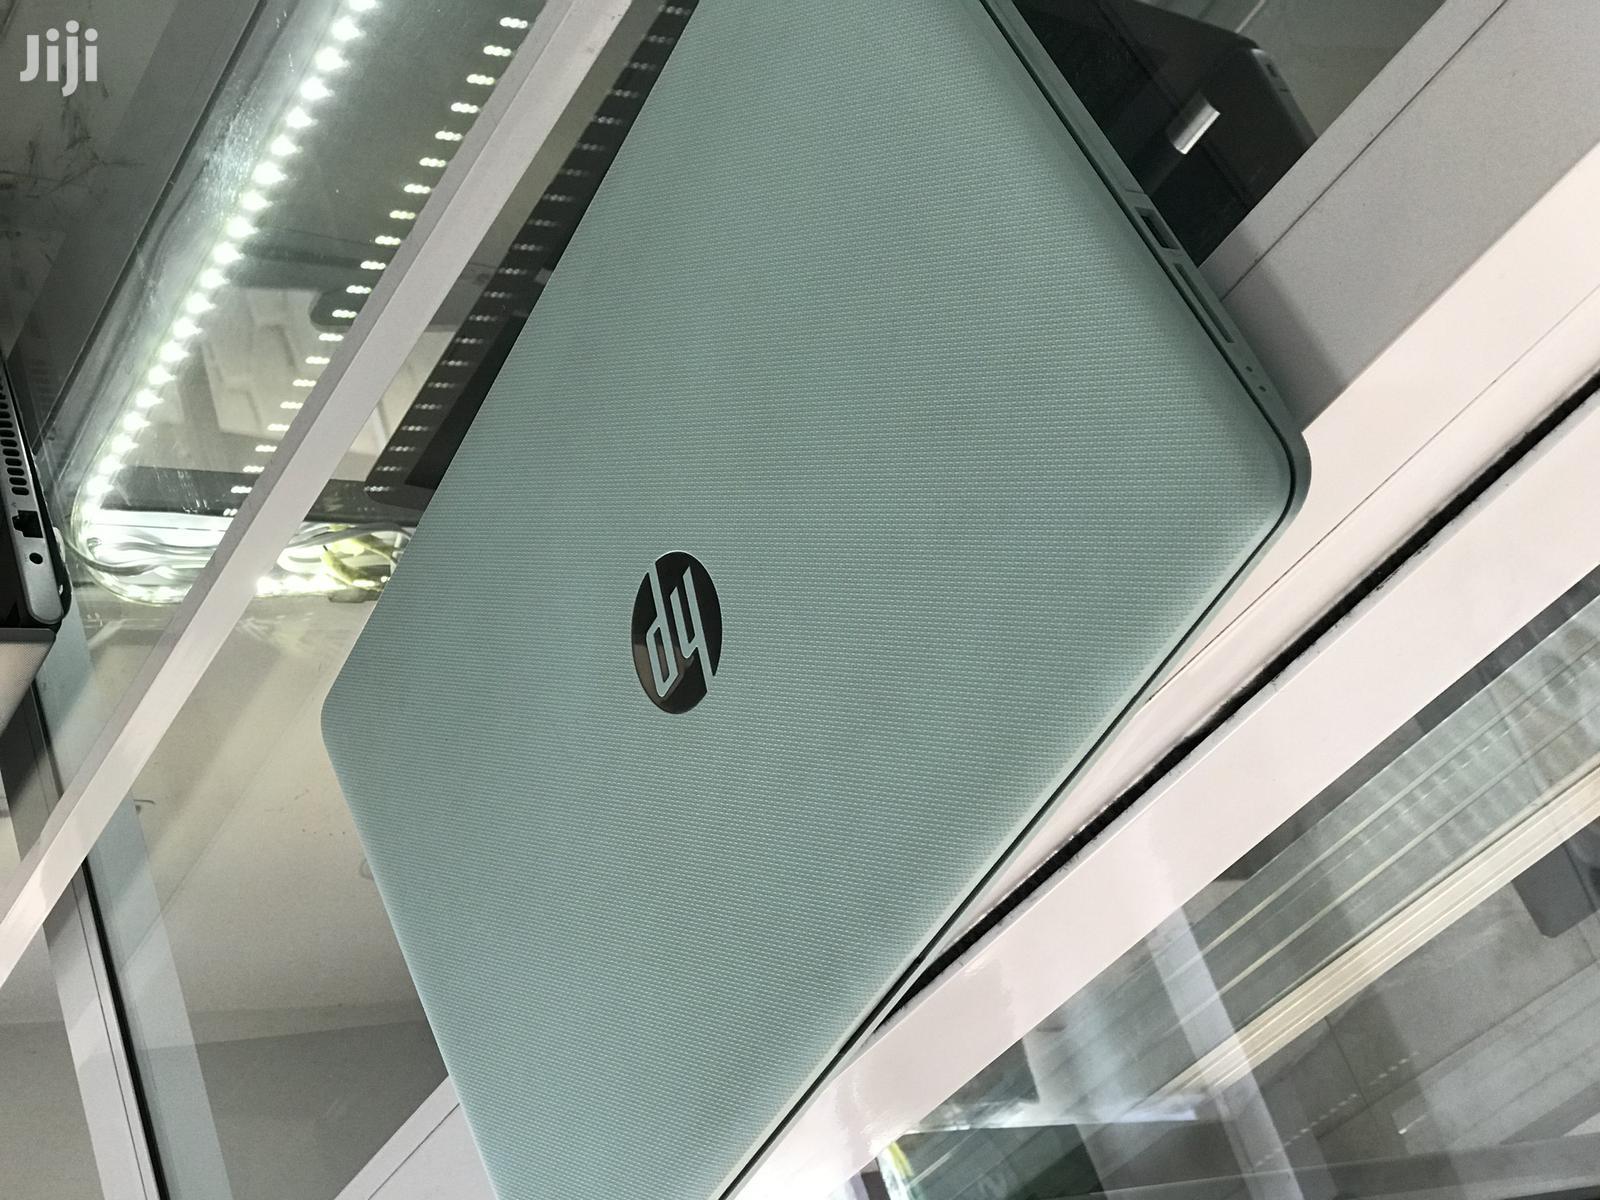 New Laptop HP 15-F272wm 8GB AMD HDD 1T